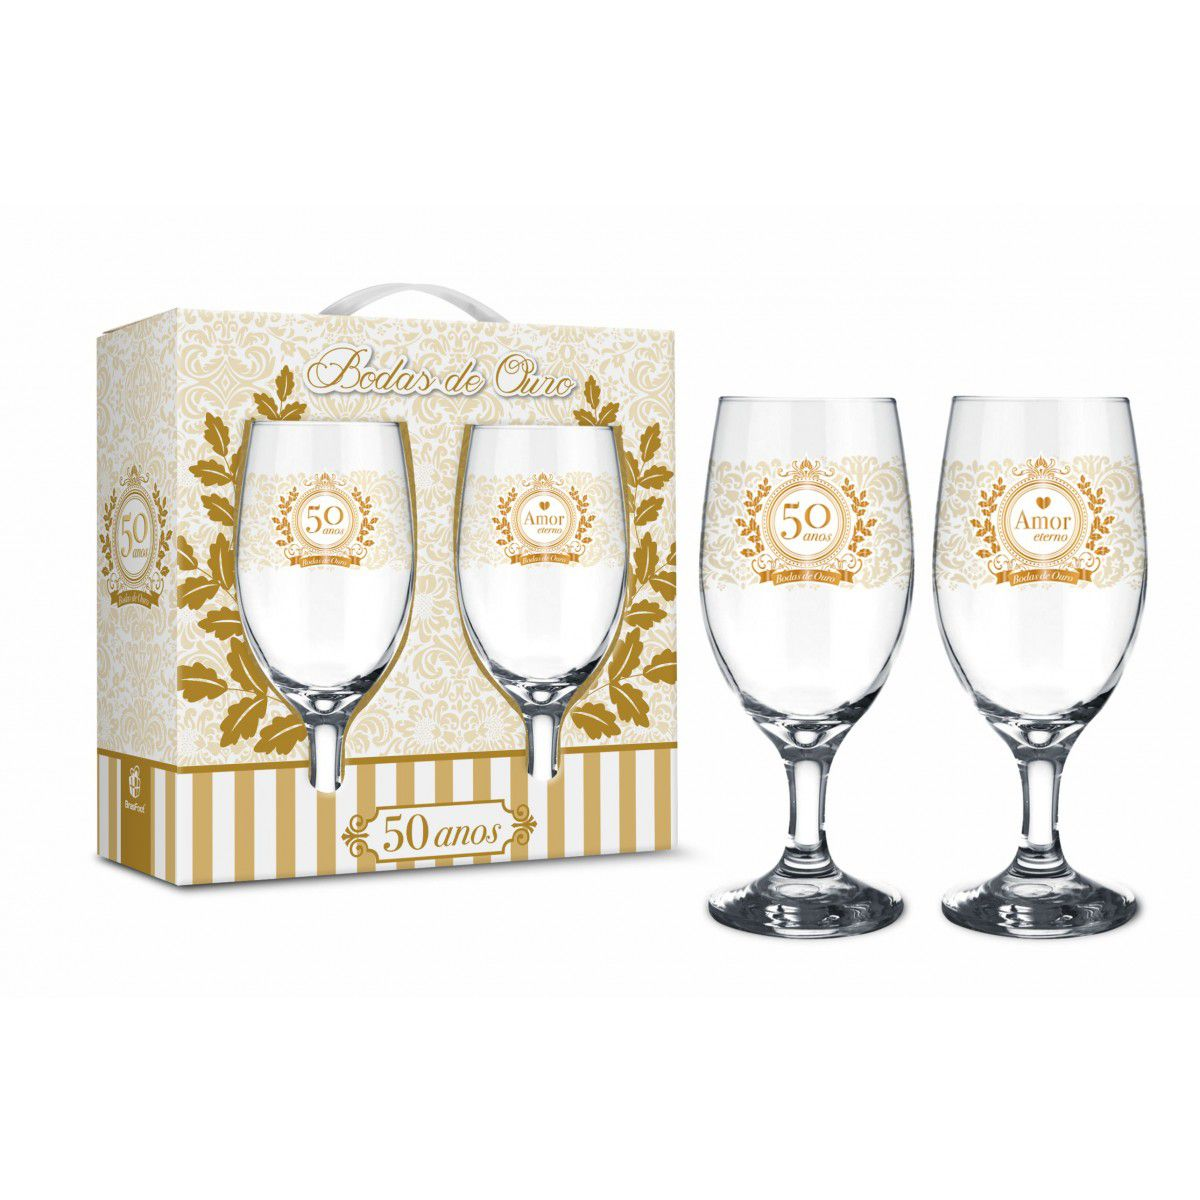 Taças Windsor Bodas de Ouro